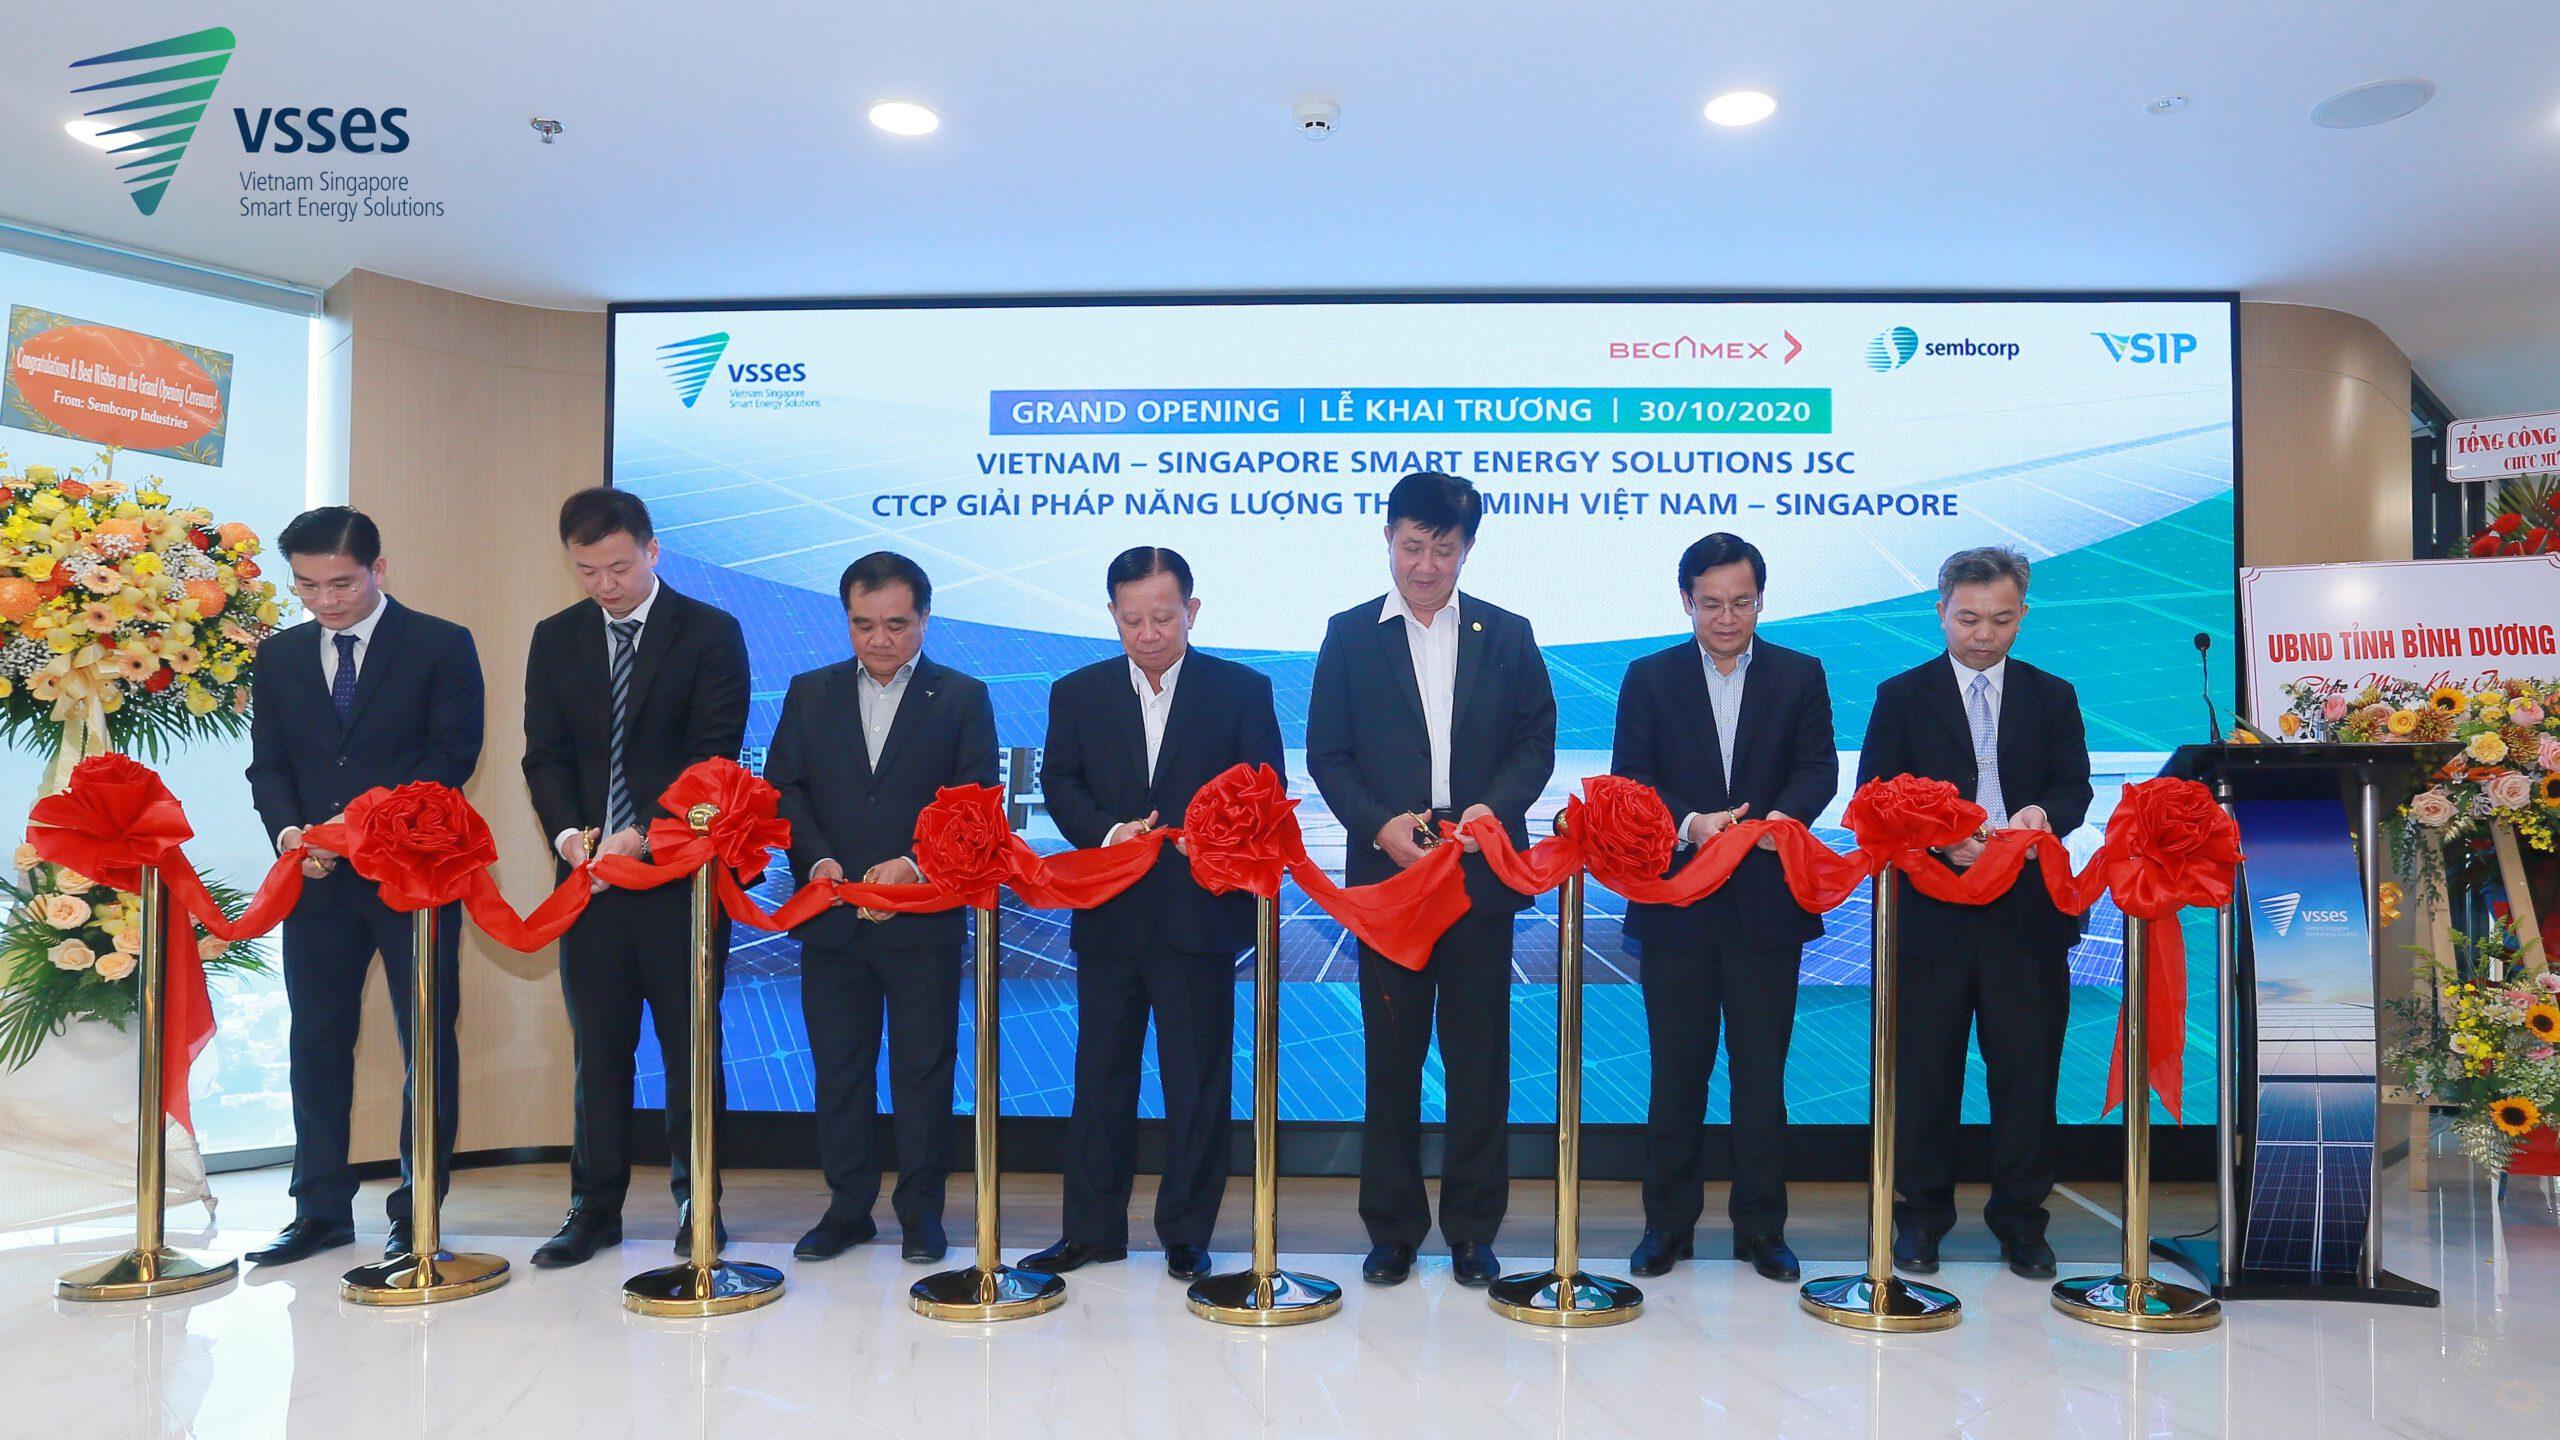 Công ty Cổ phần Giải pháp Năng lượng Thông minh Việt Nam – Singapore (VSSES) khai trương trụ sở chính